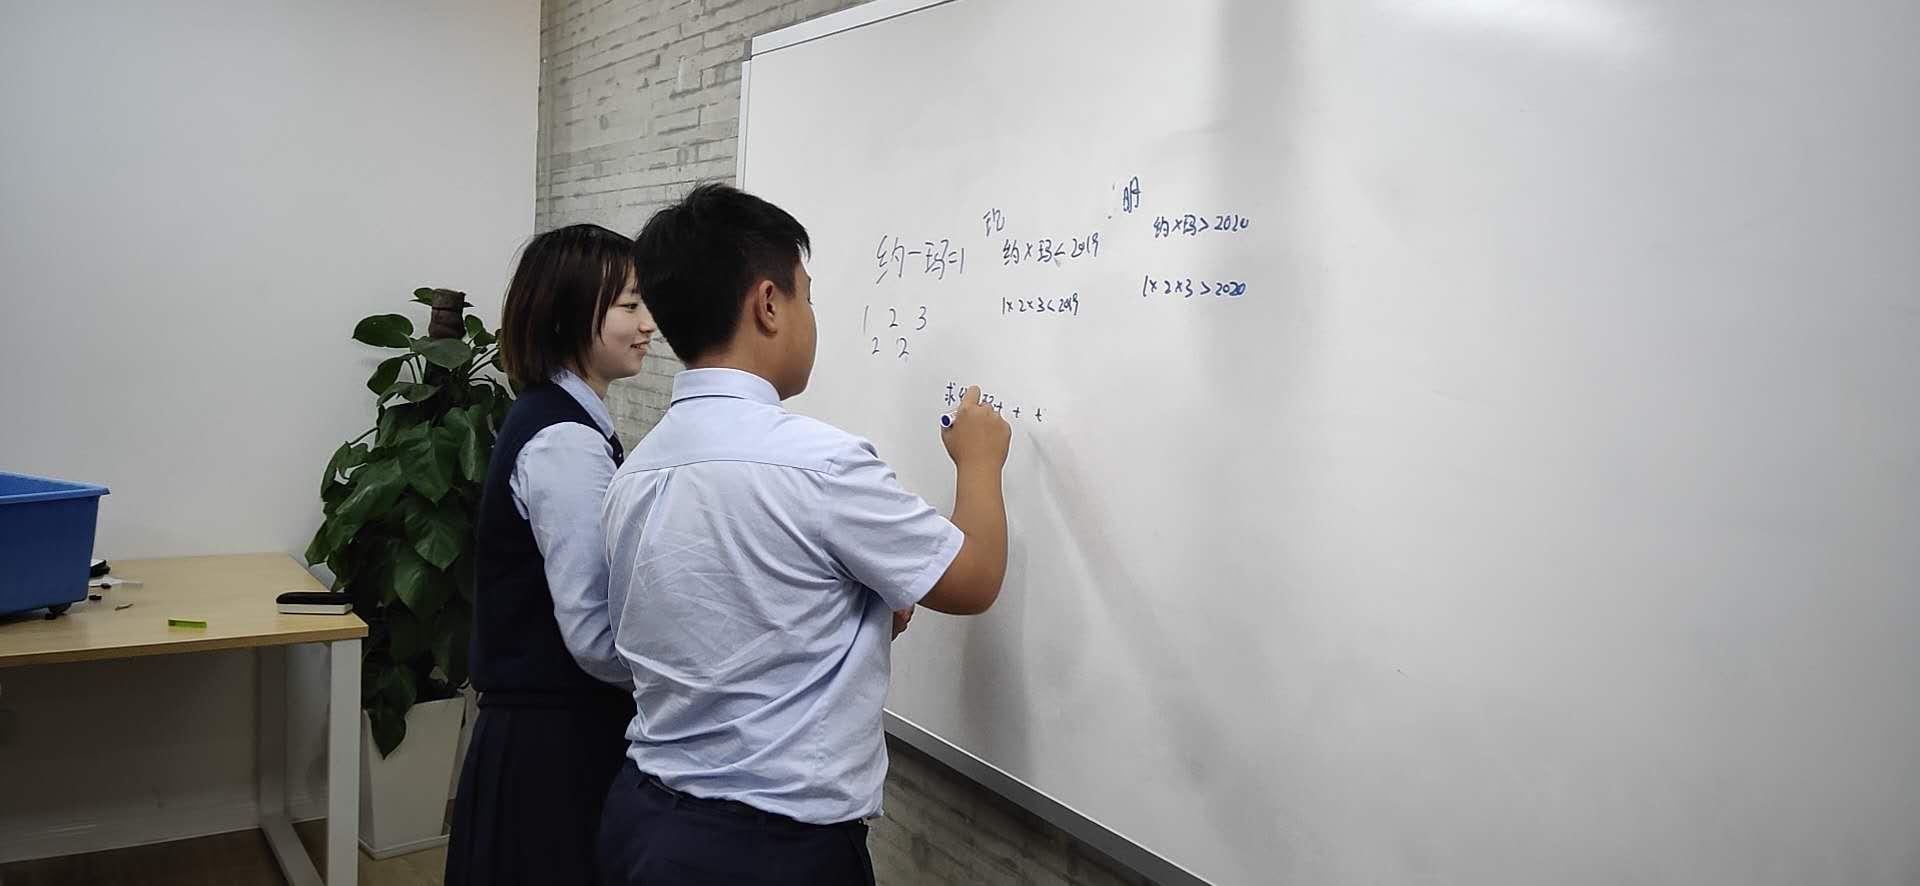 李尧数学俱乐部